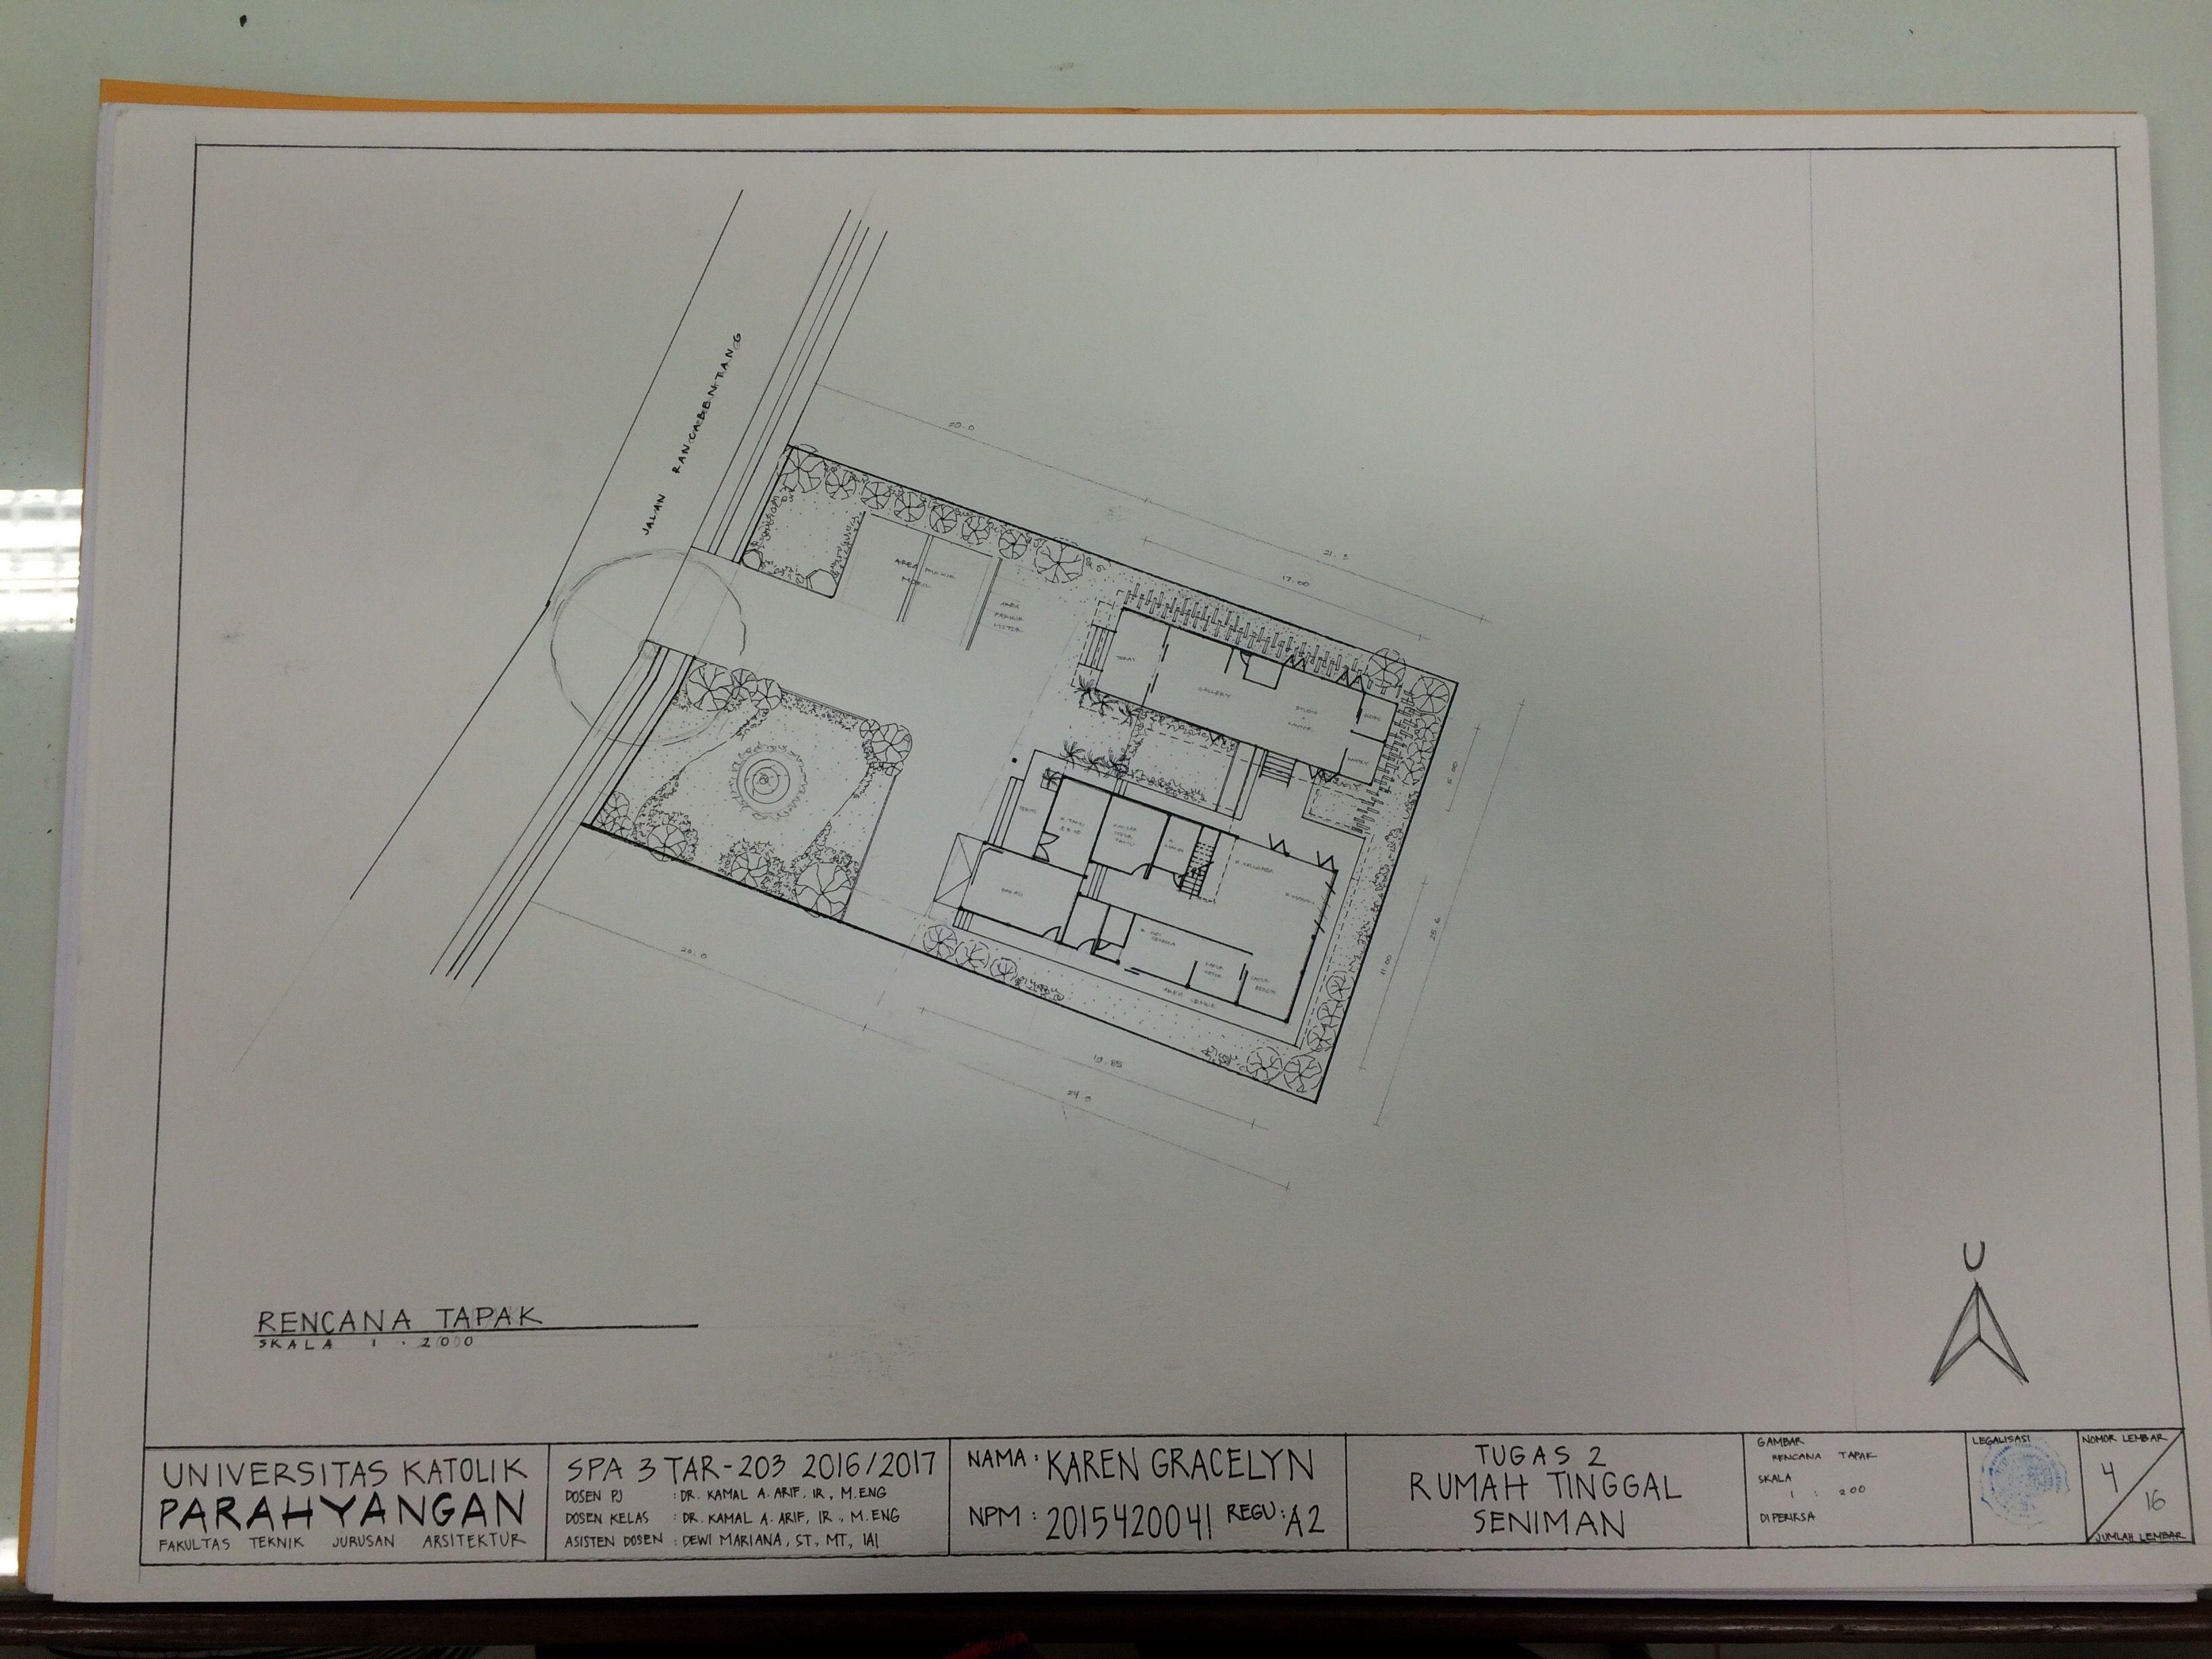 Site plan rumah tinggal seniman spa3 artwork pinterest site site plan rumah tinggal seniman spa3 ccuart Choice Image